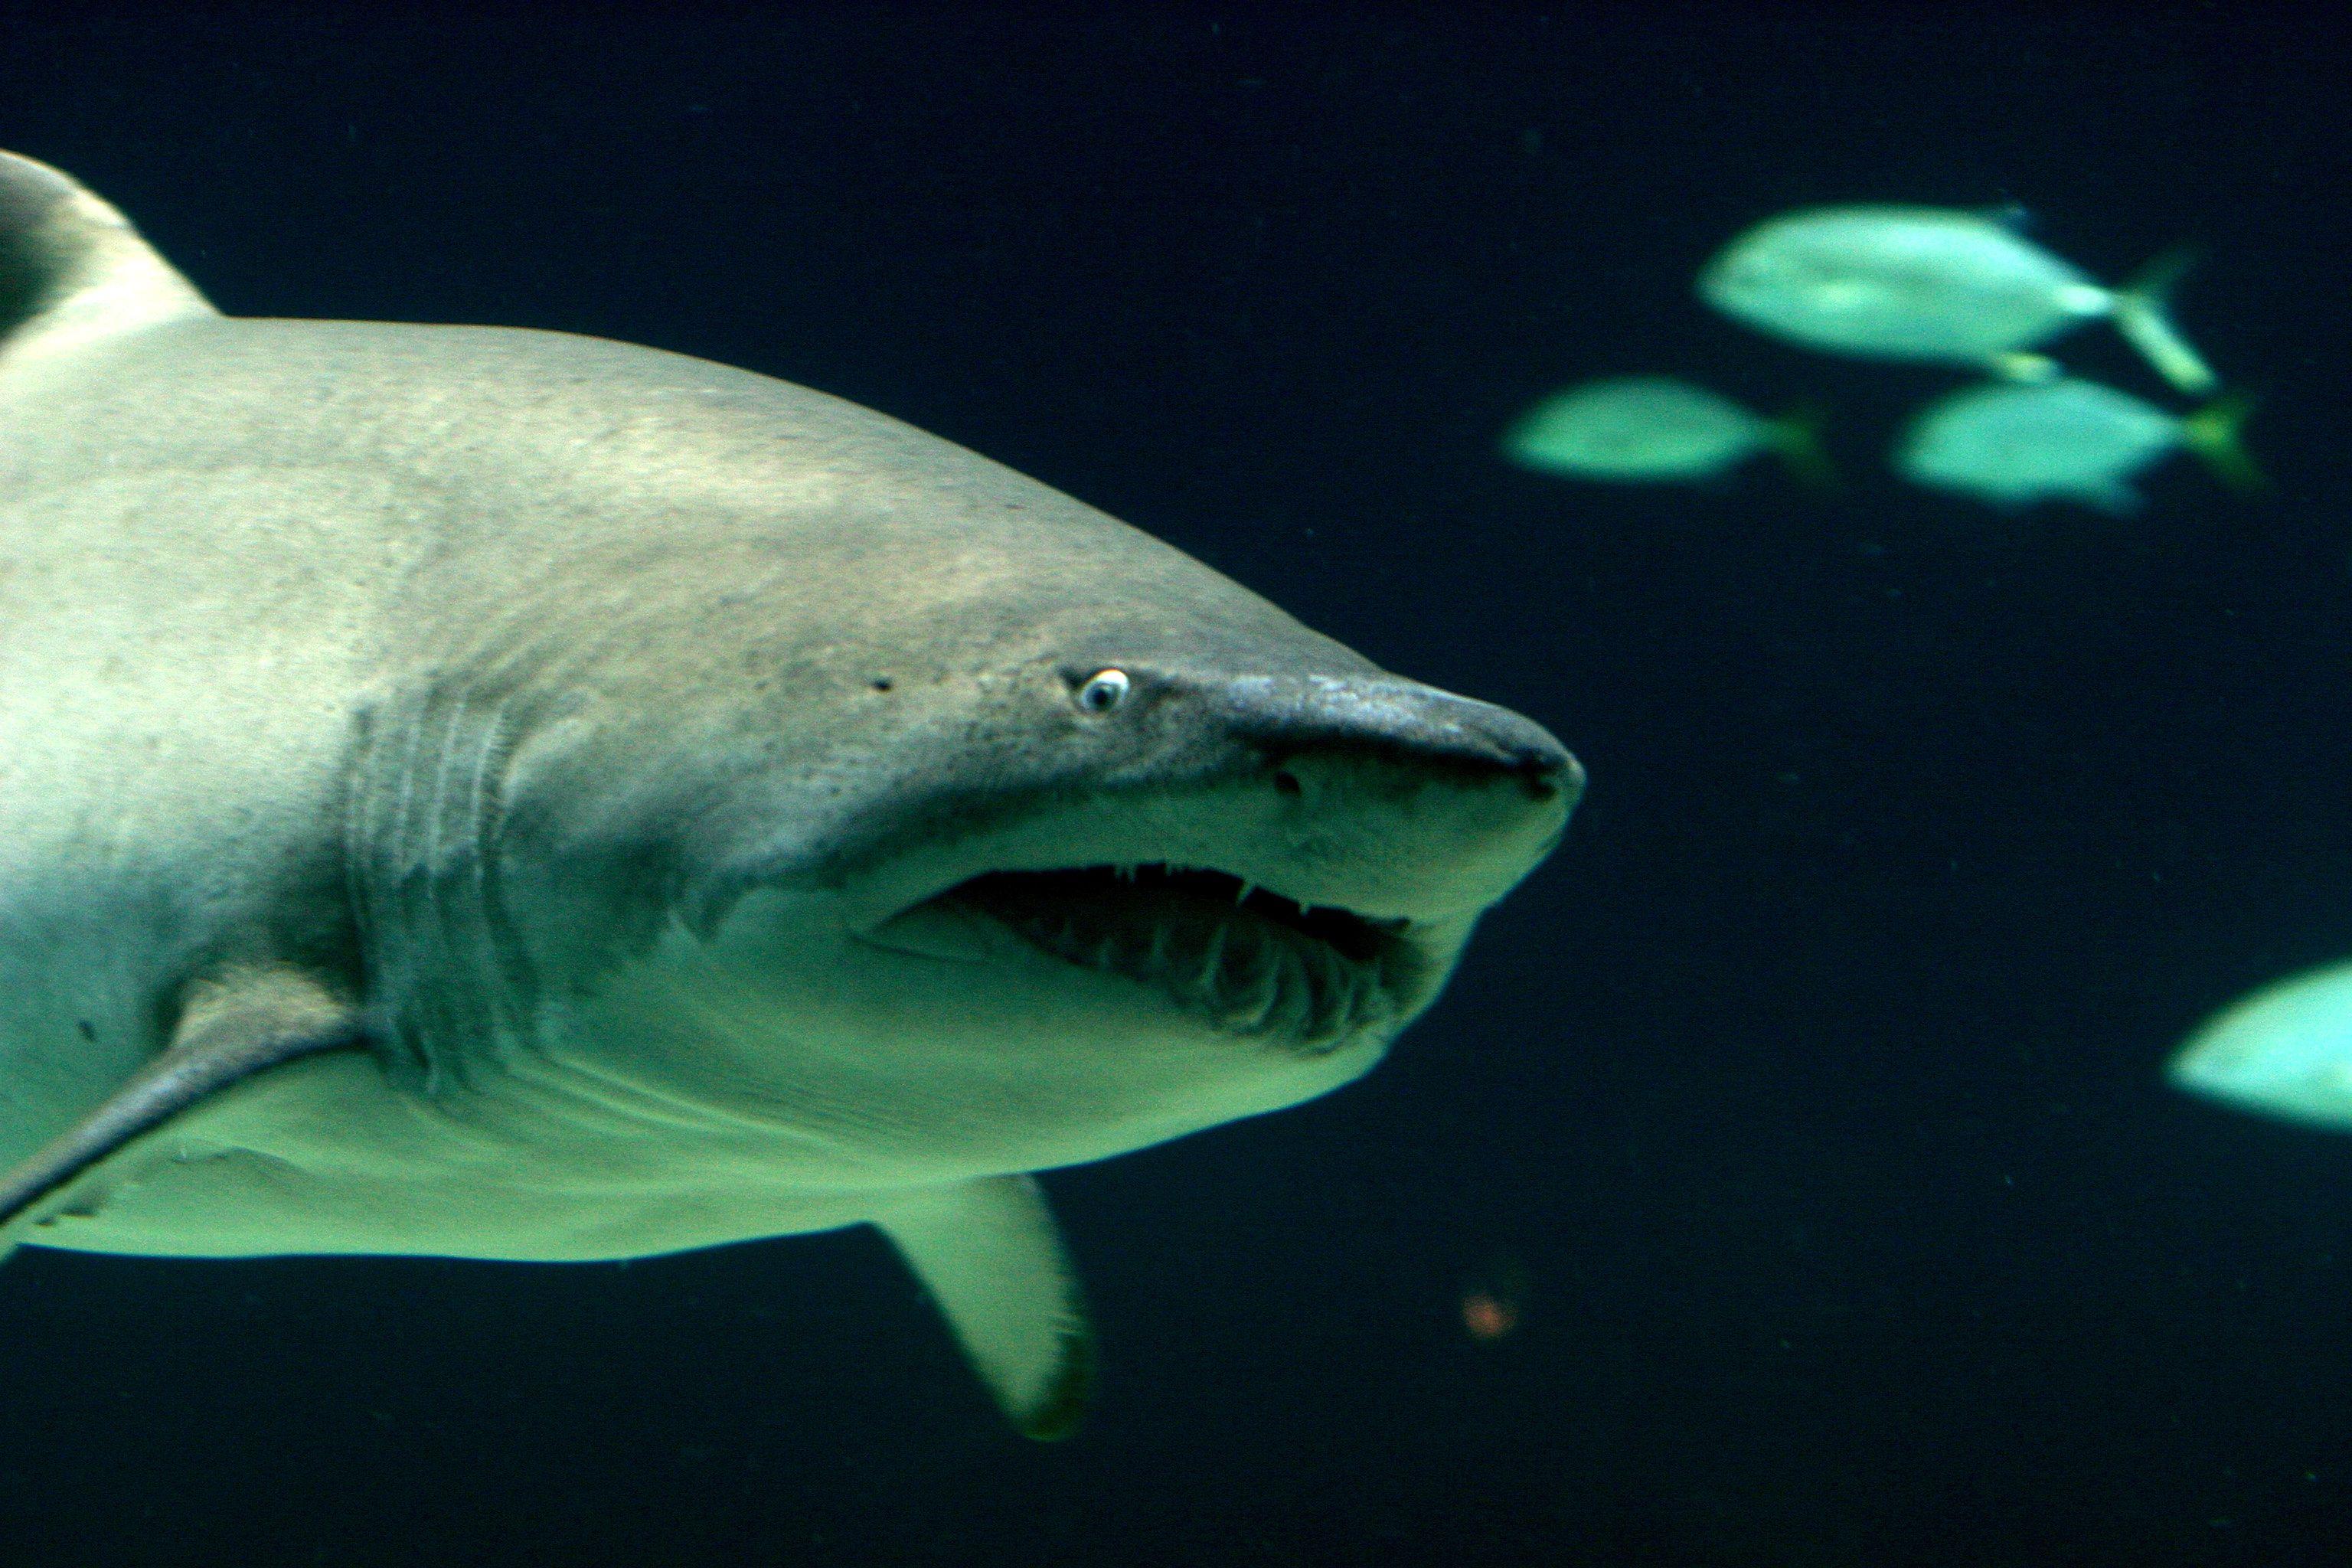 Une véritable psychose est née à la suite des attaques de requins sur l'Ile de la Réunion. Des squales seraient maintenant proches des côtes françaises de la Méditerranée, d'après Nice Matin.